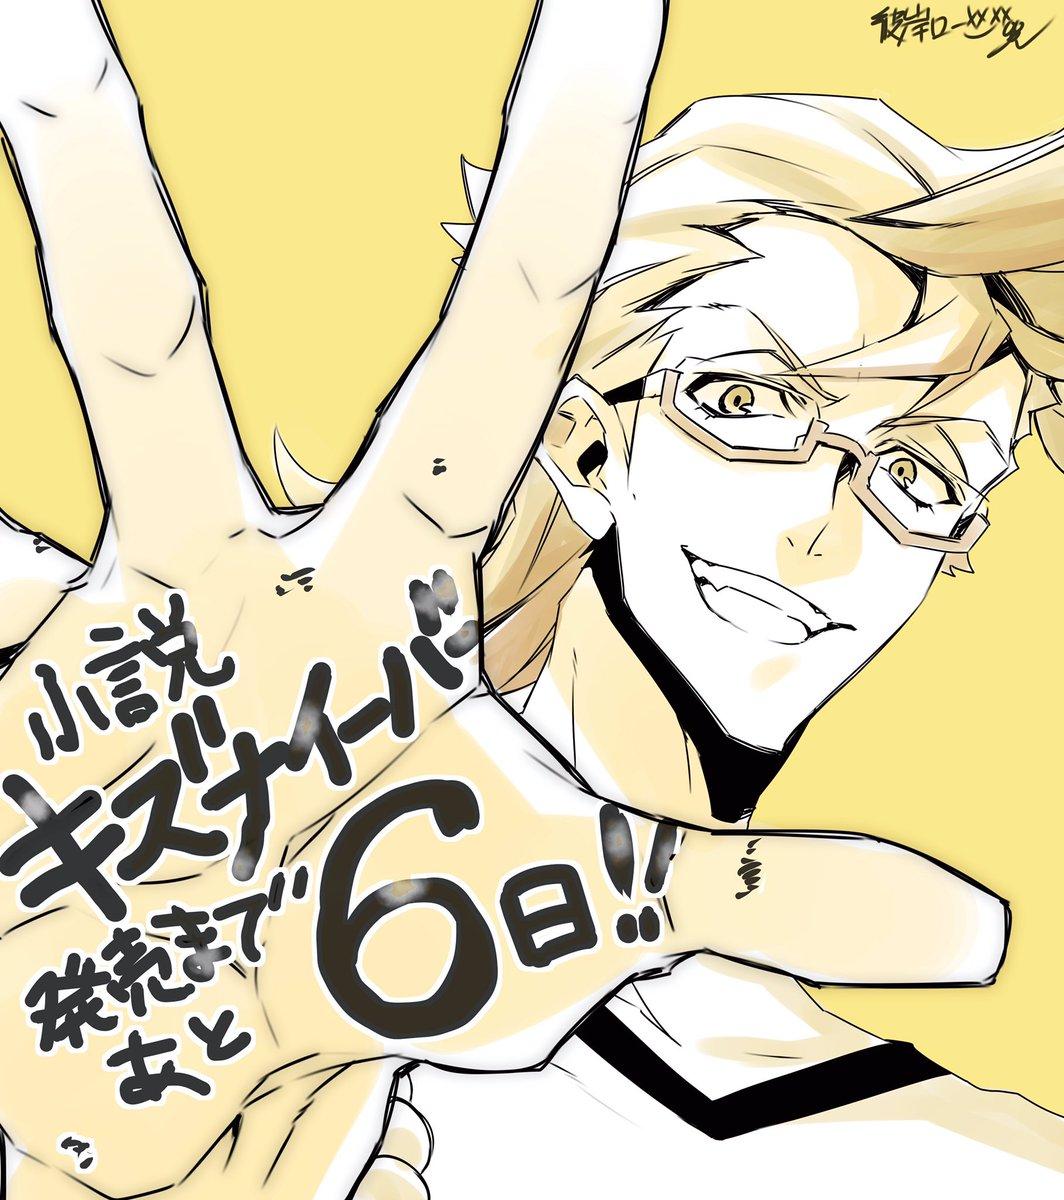 【ノベル発売 カウントダウン】「小説 キズナイーバー -あの日のキズ、これからのキズナ-」は10月27日発売! 第1章で